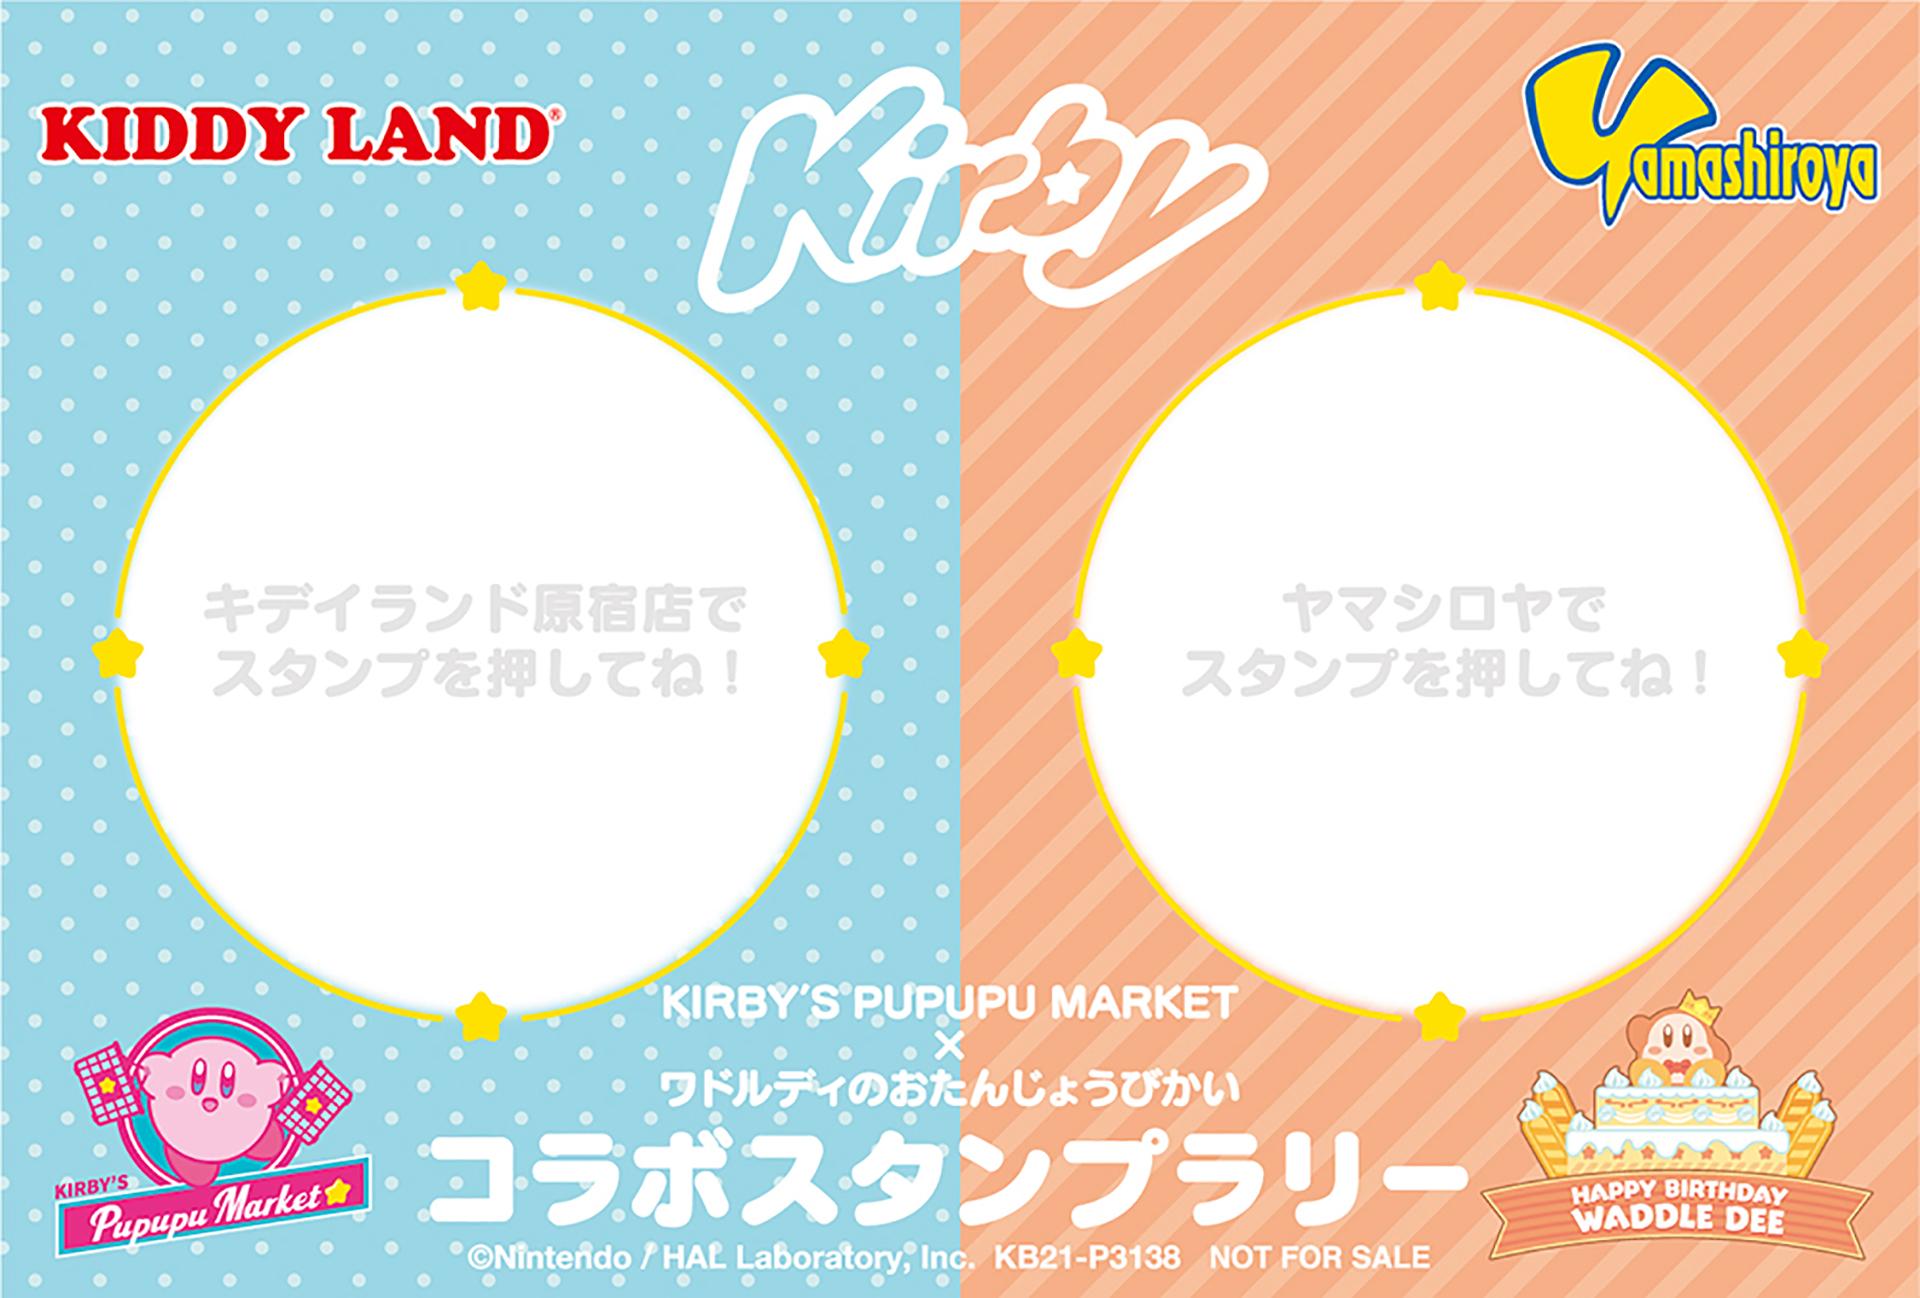 キデイランド原宿店「KIRBY'S PUPUPU MARKET」2号店